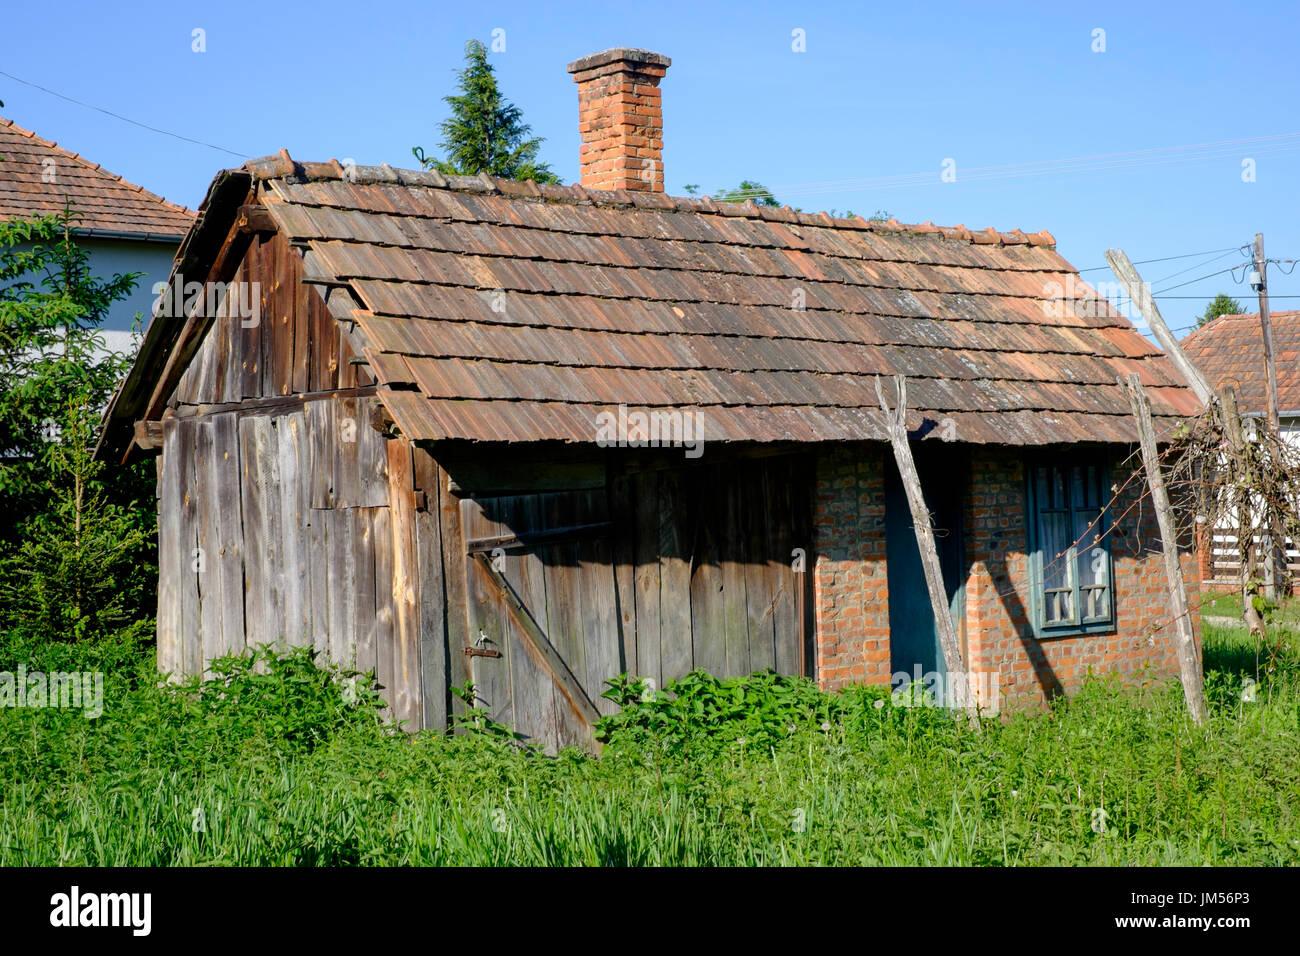 Sommerküche Im Garten : Sommer küche nebengebäude im garten eines typischen ländlichen dorf